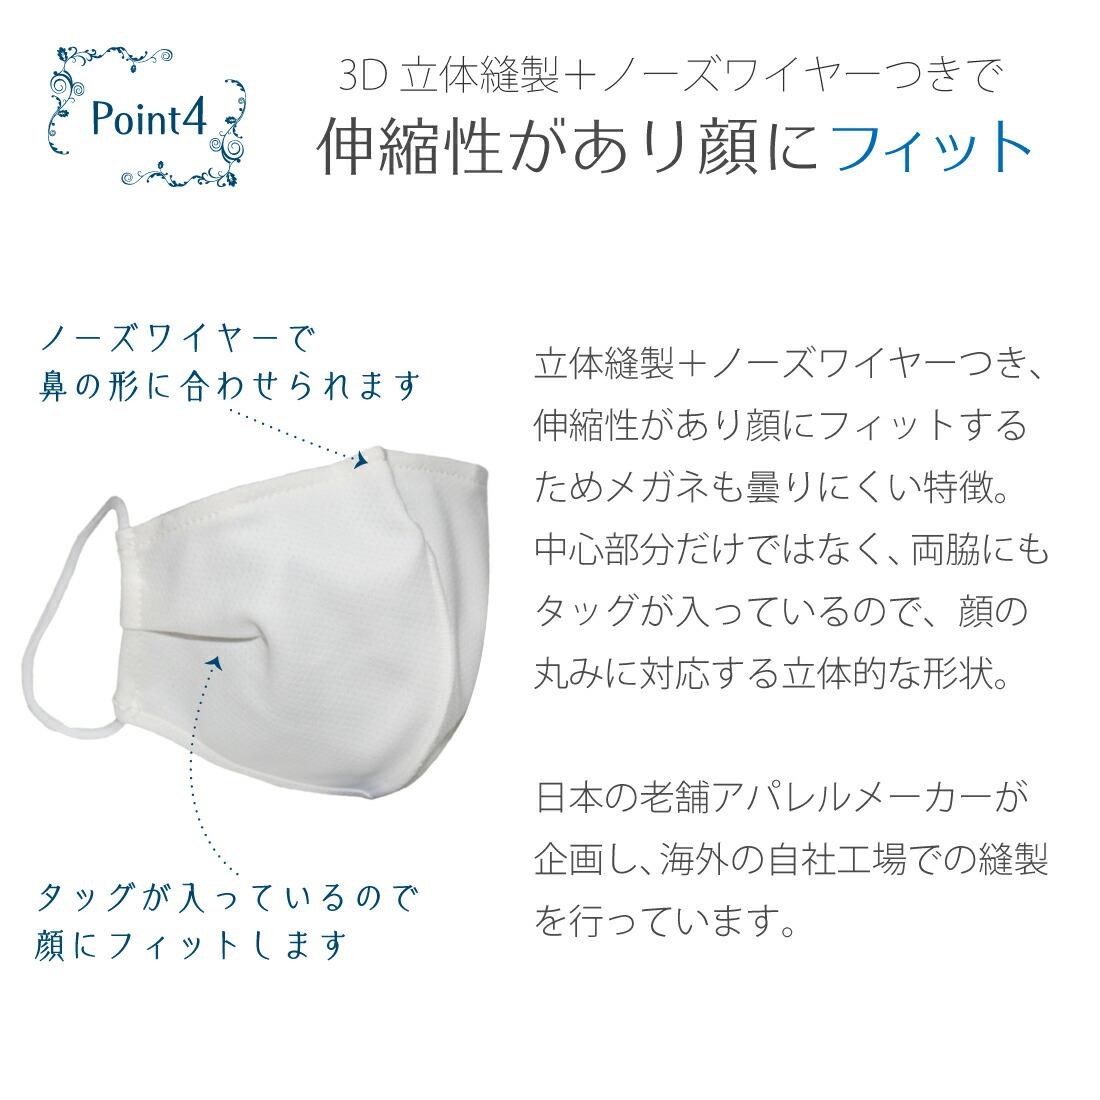 お受験用マスク 外側フッ素加工 子供サイズ・大人サイズ 外側フッ素加工 お受験専用 表情が伝わりやすいマスク